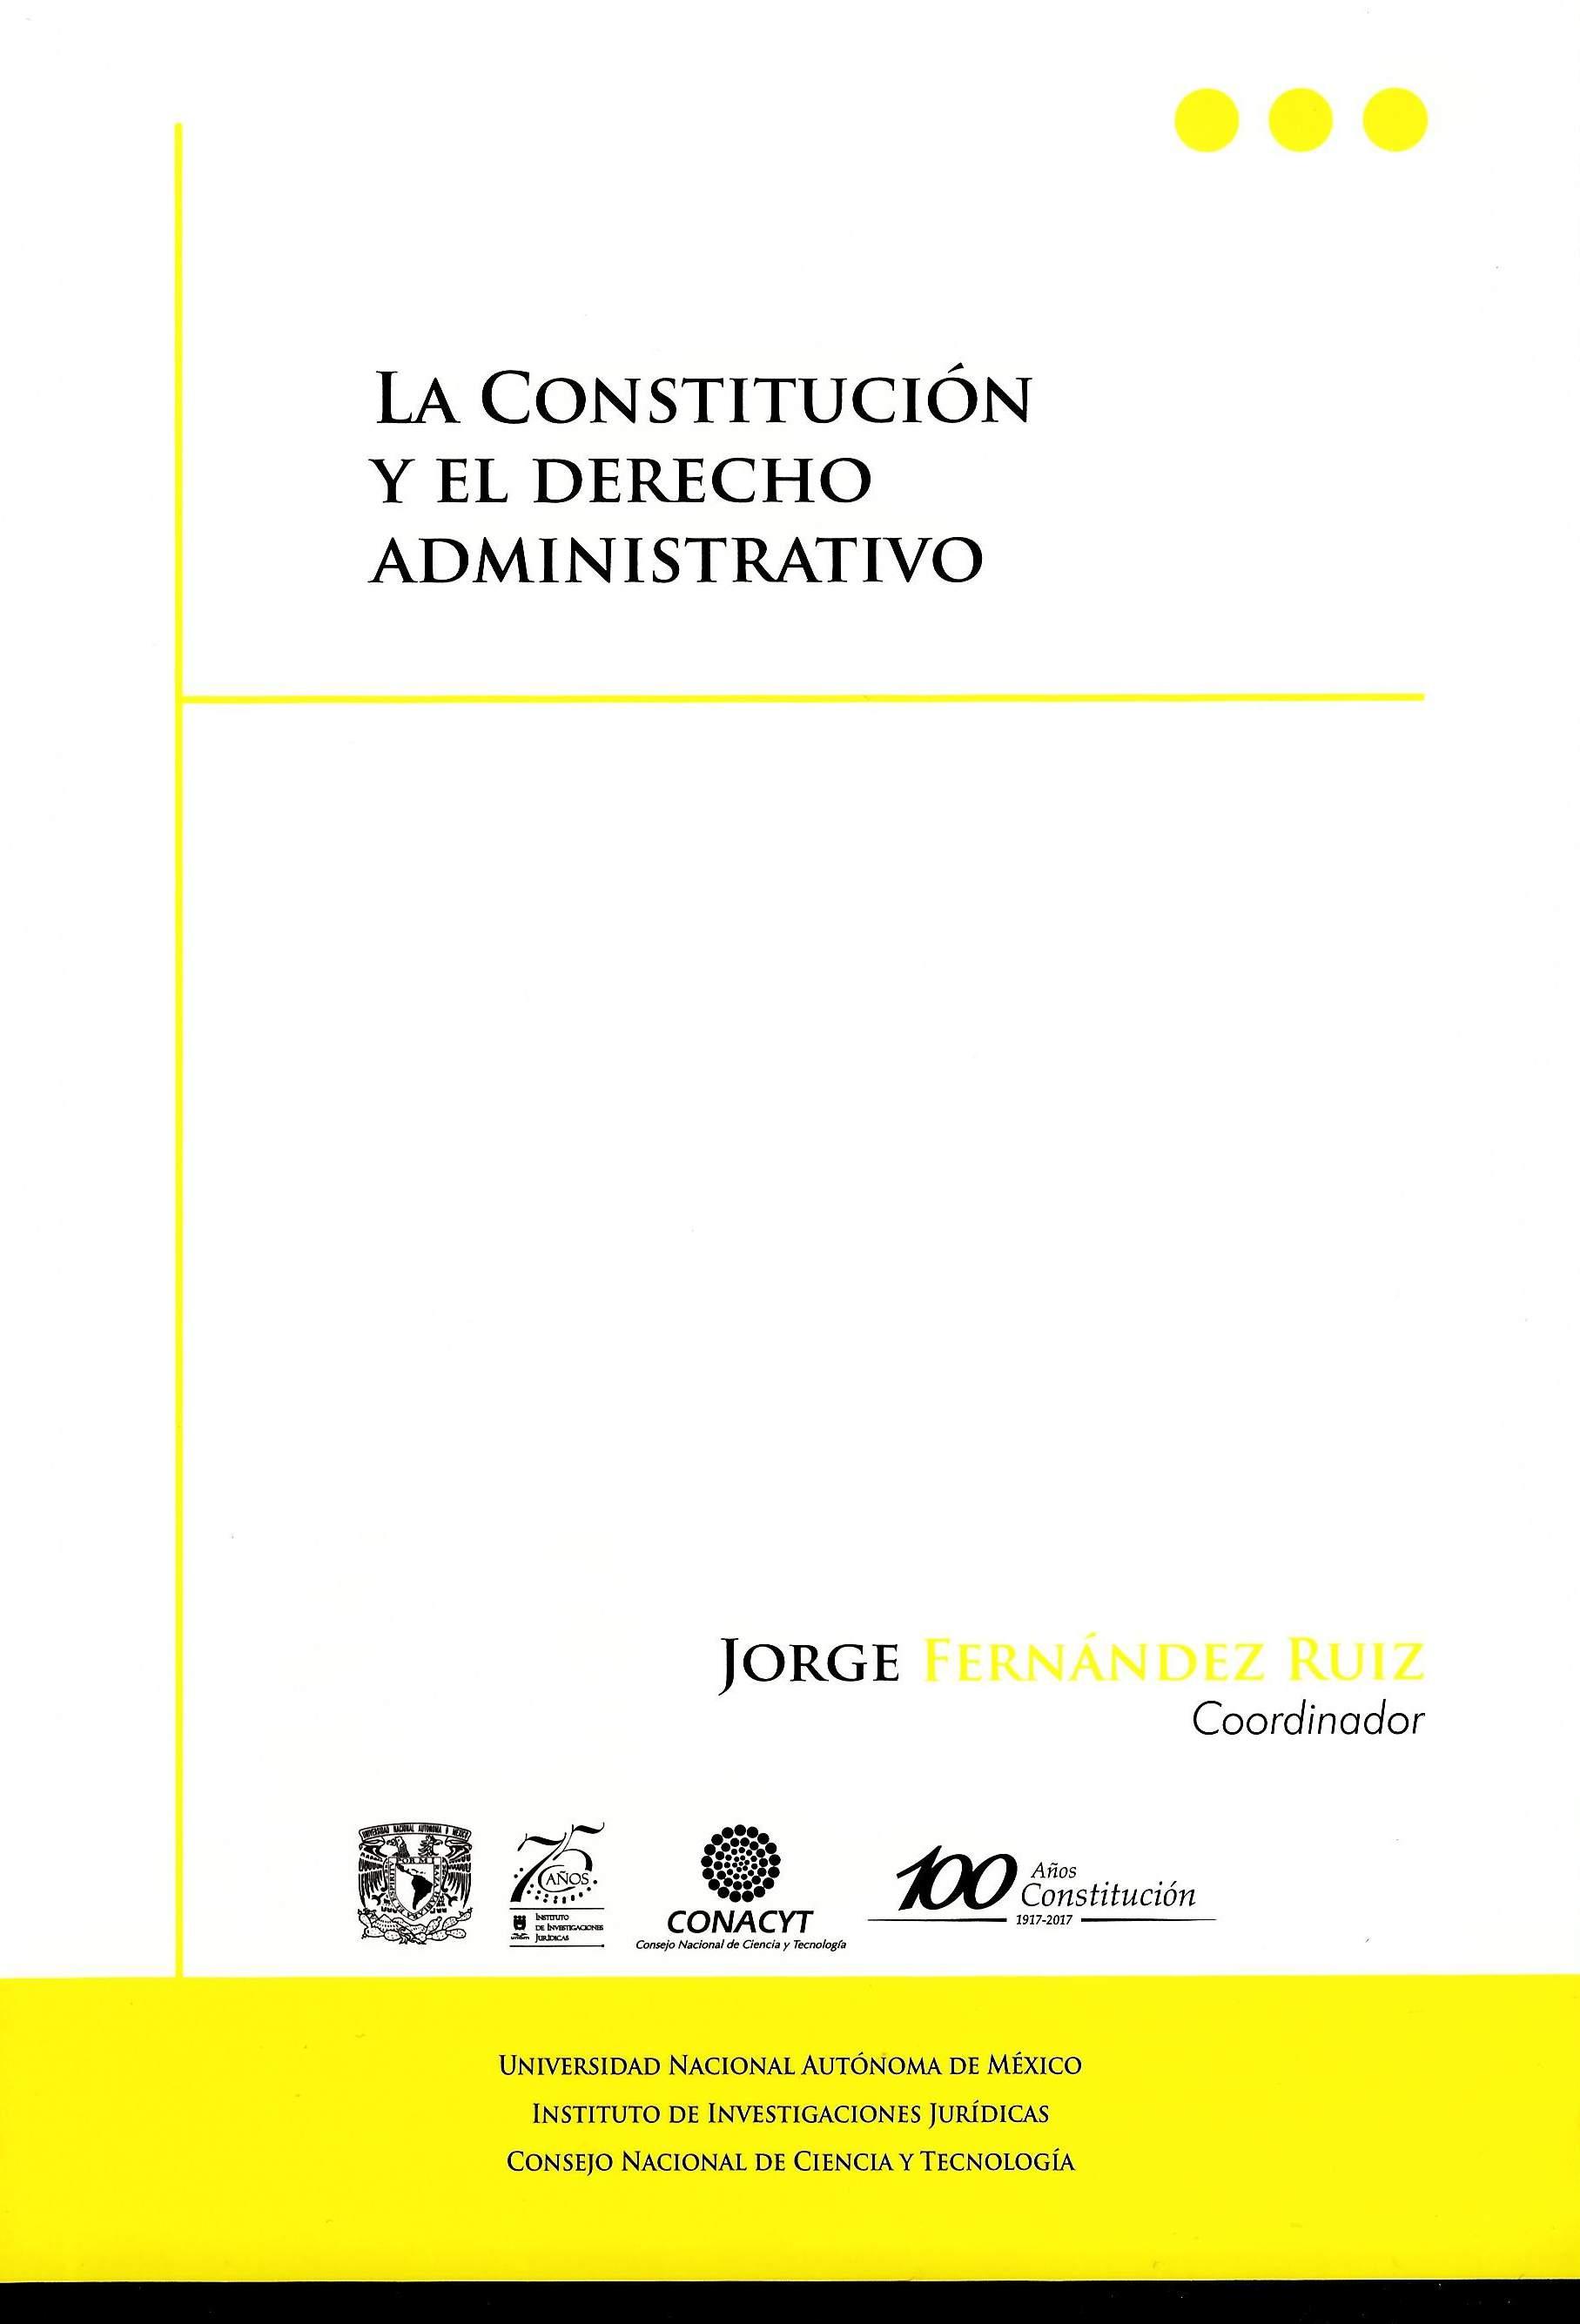 La Constitución y el derecho administrativo